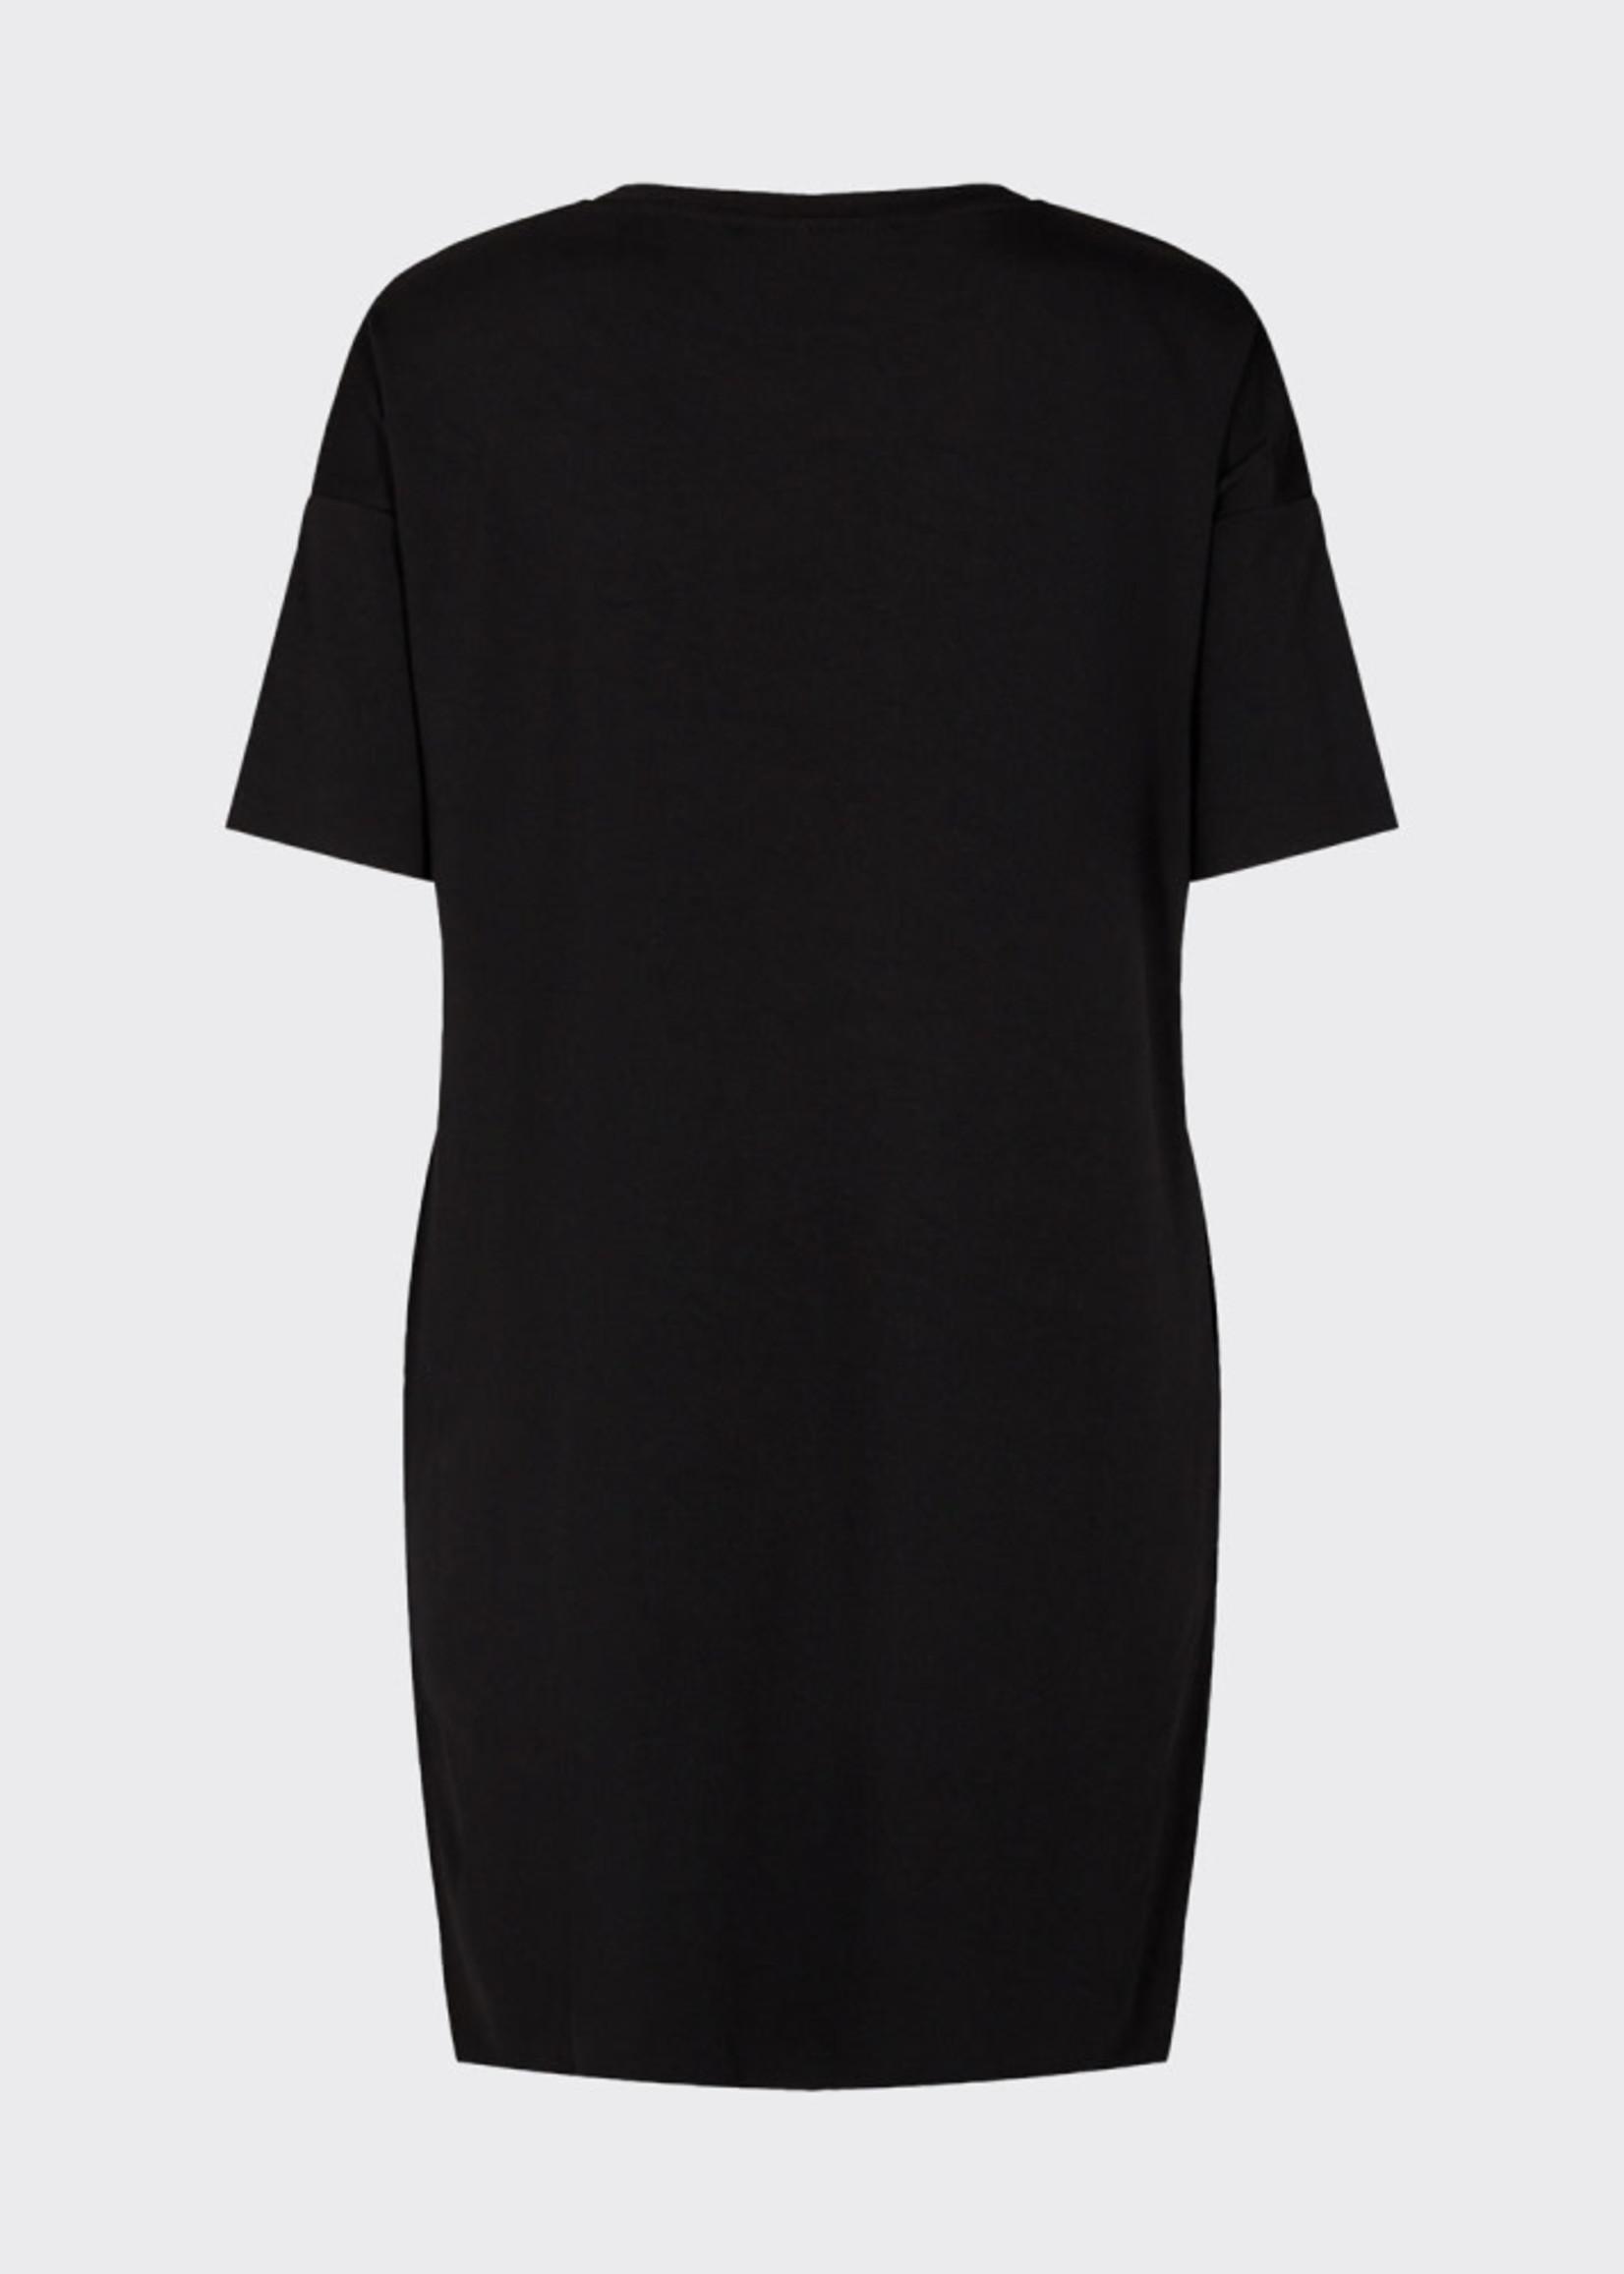 MINIMUM Pocket T Dress